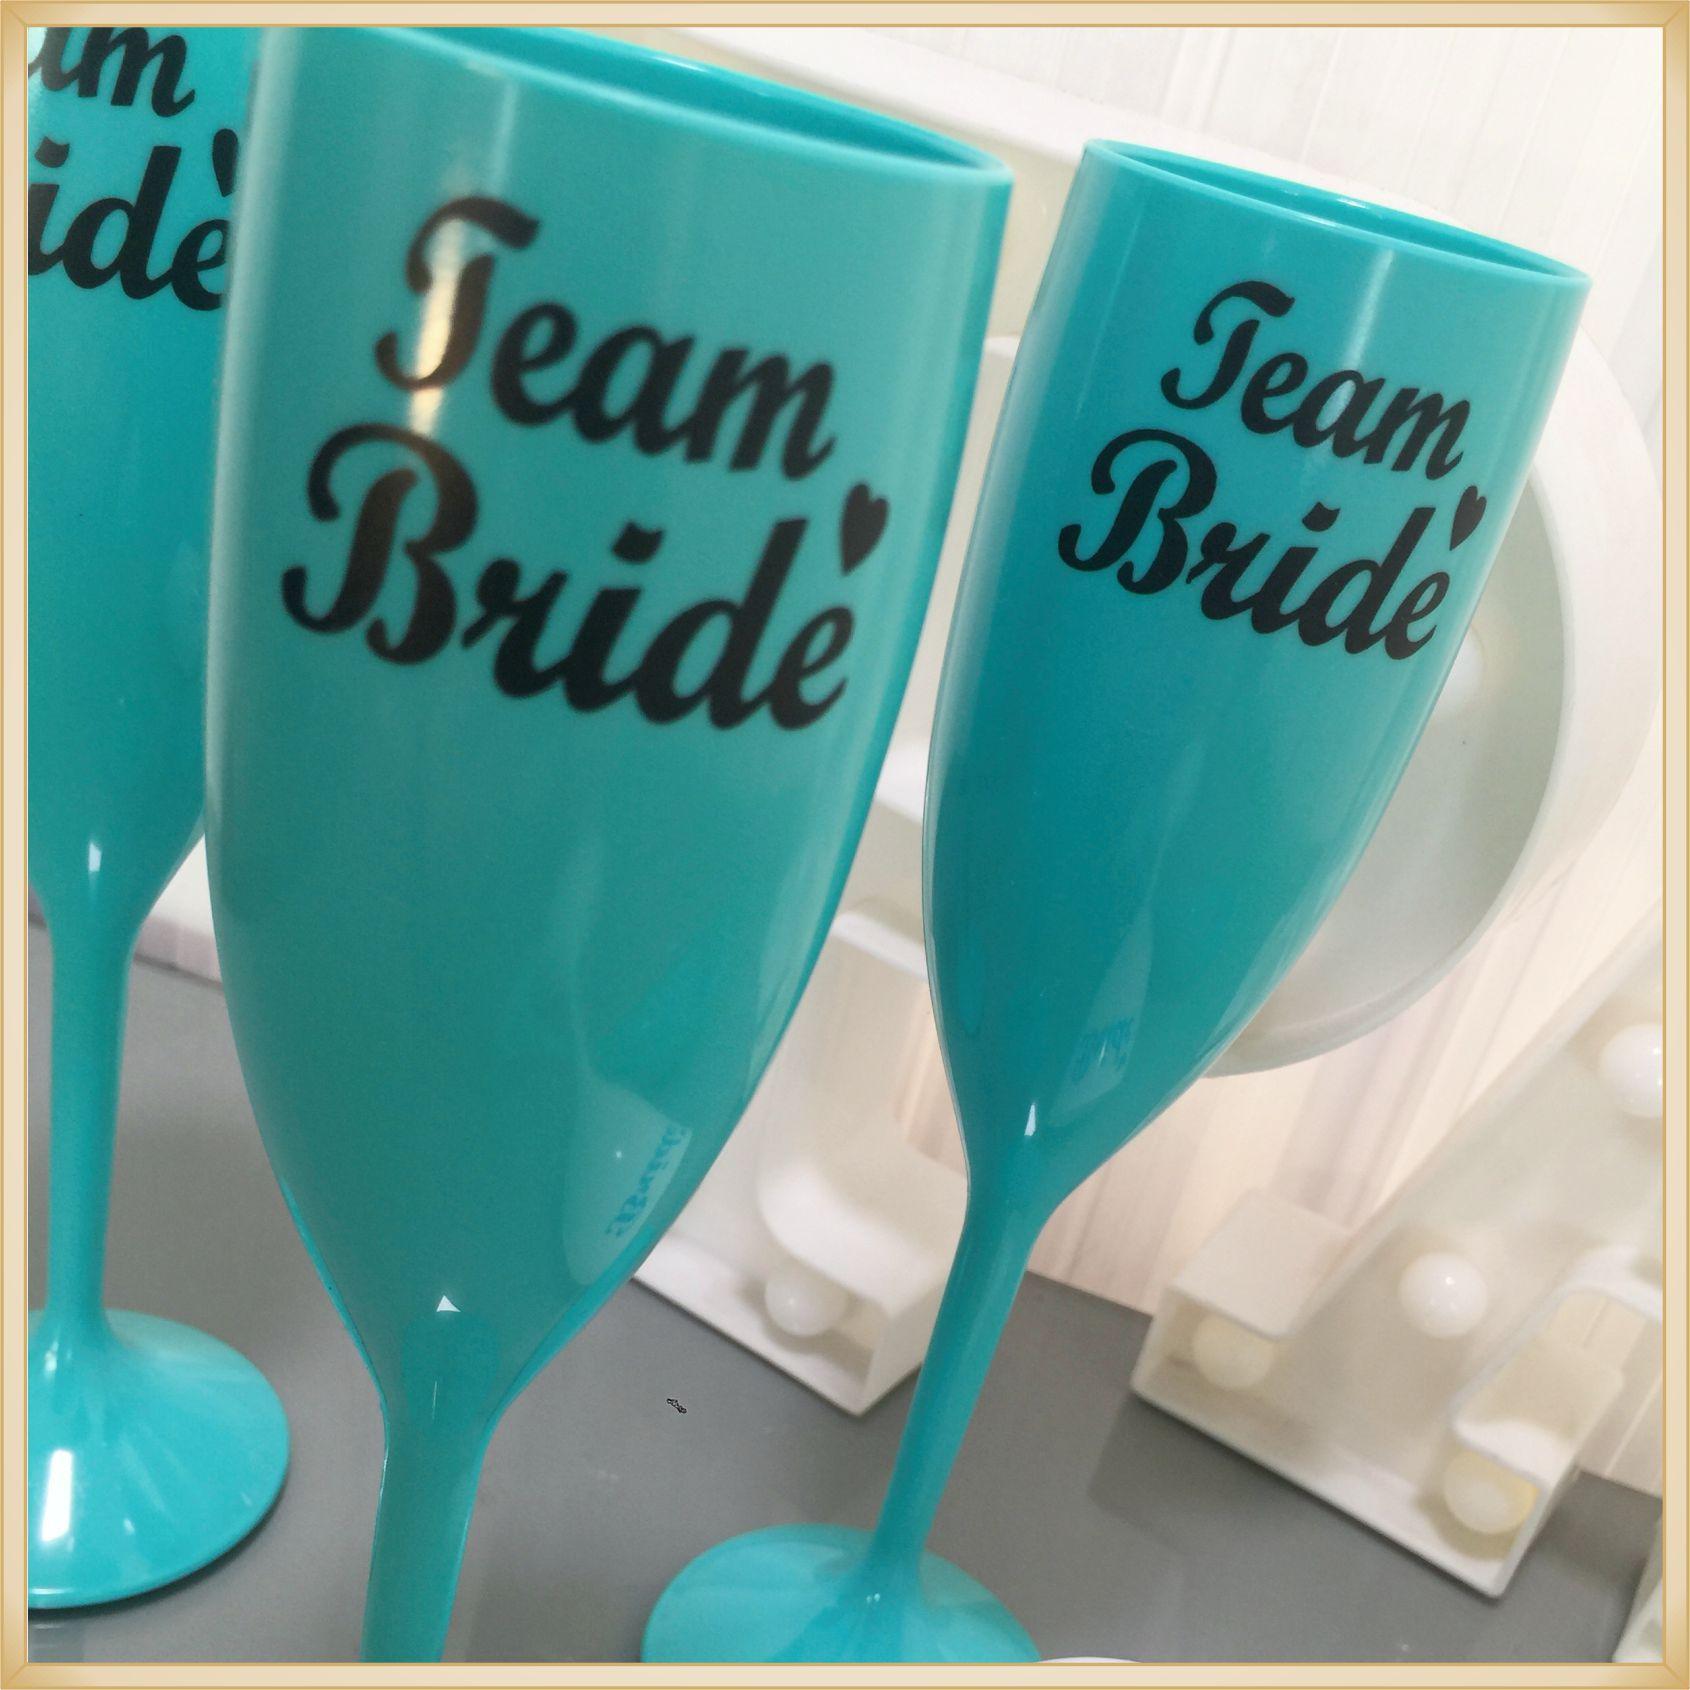 Taças de acrílico Personalizadas Casamento - acrílico de qualidade, brilhante, ótimo acabamento, parede de 2,0mm, produto Atóxico, 190ml. kit 100 unid